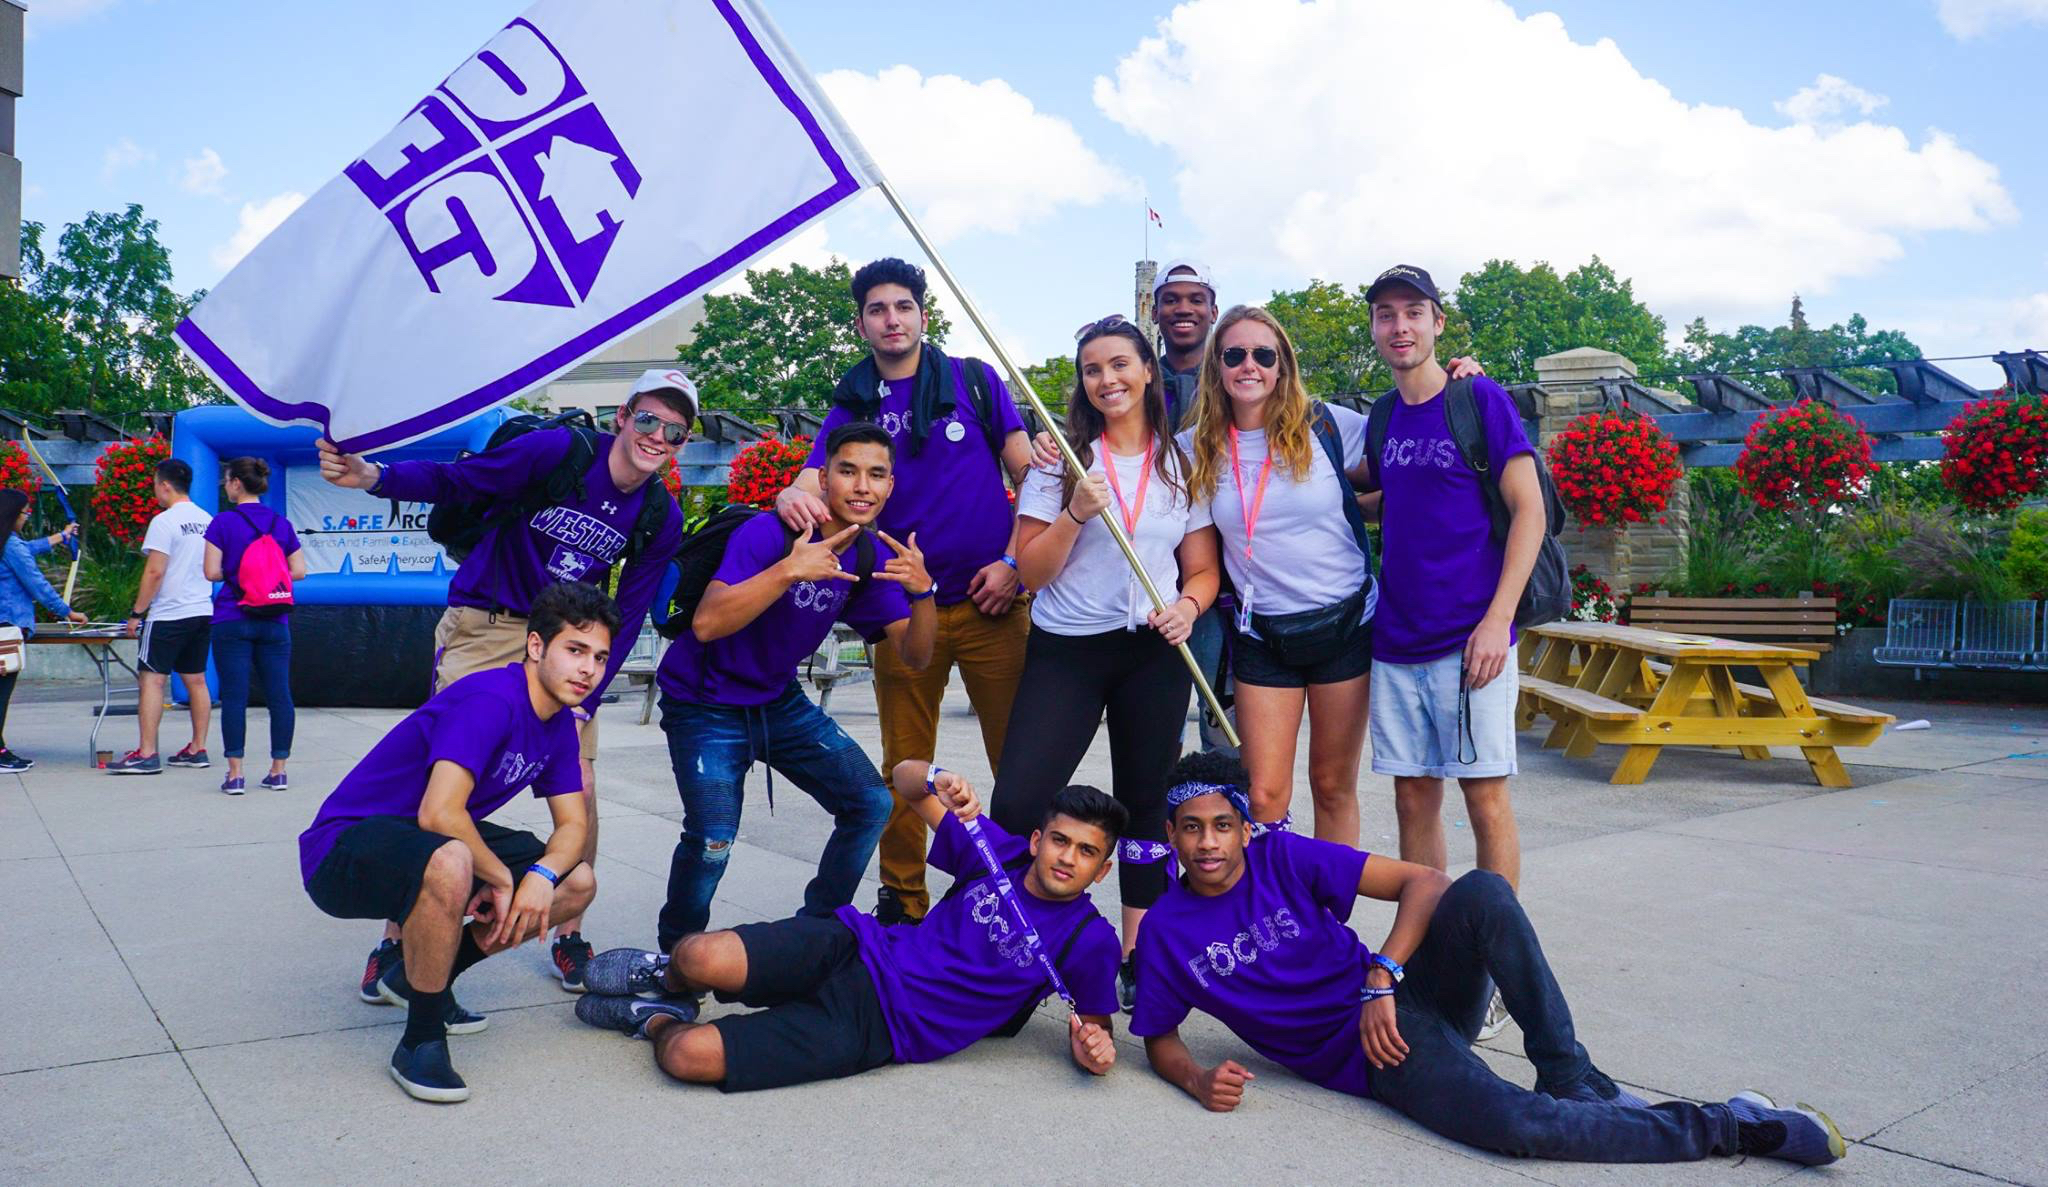 Sinh viên cũng có thể tham gia hàng loạt những hoạt động ngoại khóa đặc biệt của Western University